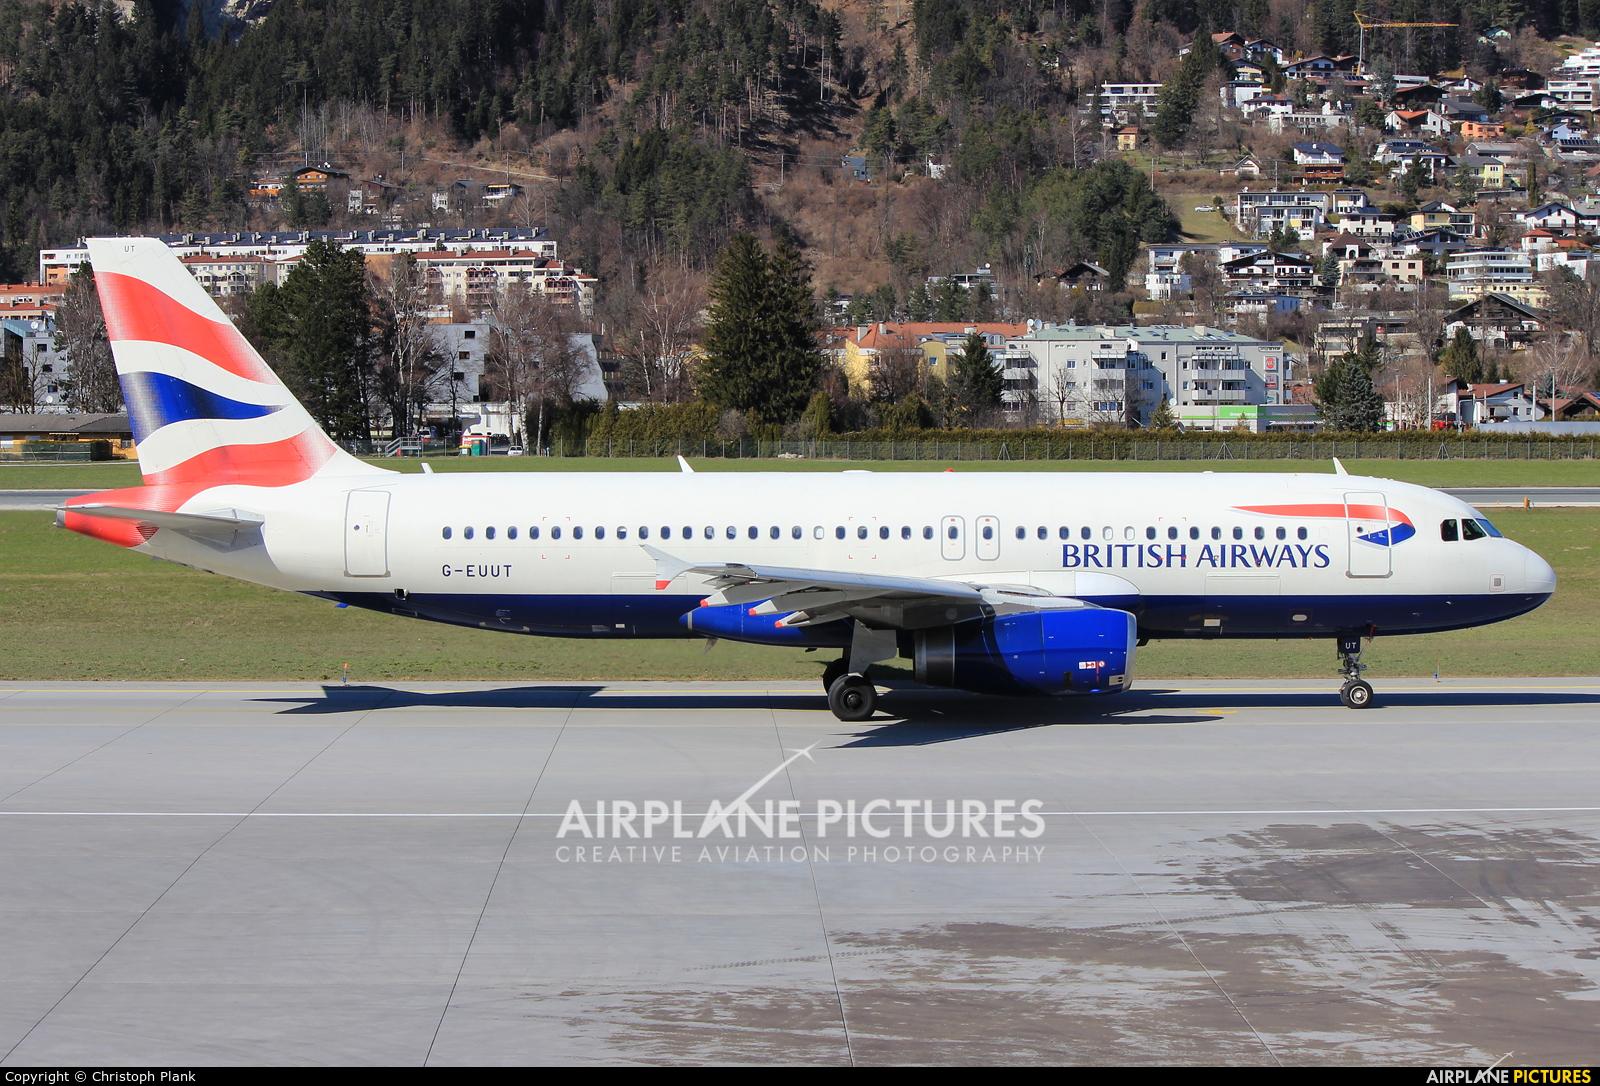 British Airways G-EUUT aircraft at Innsbruck